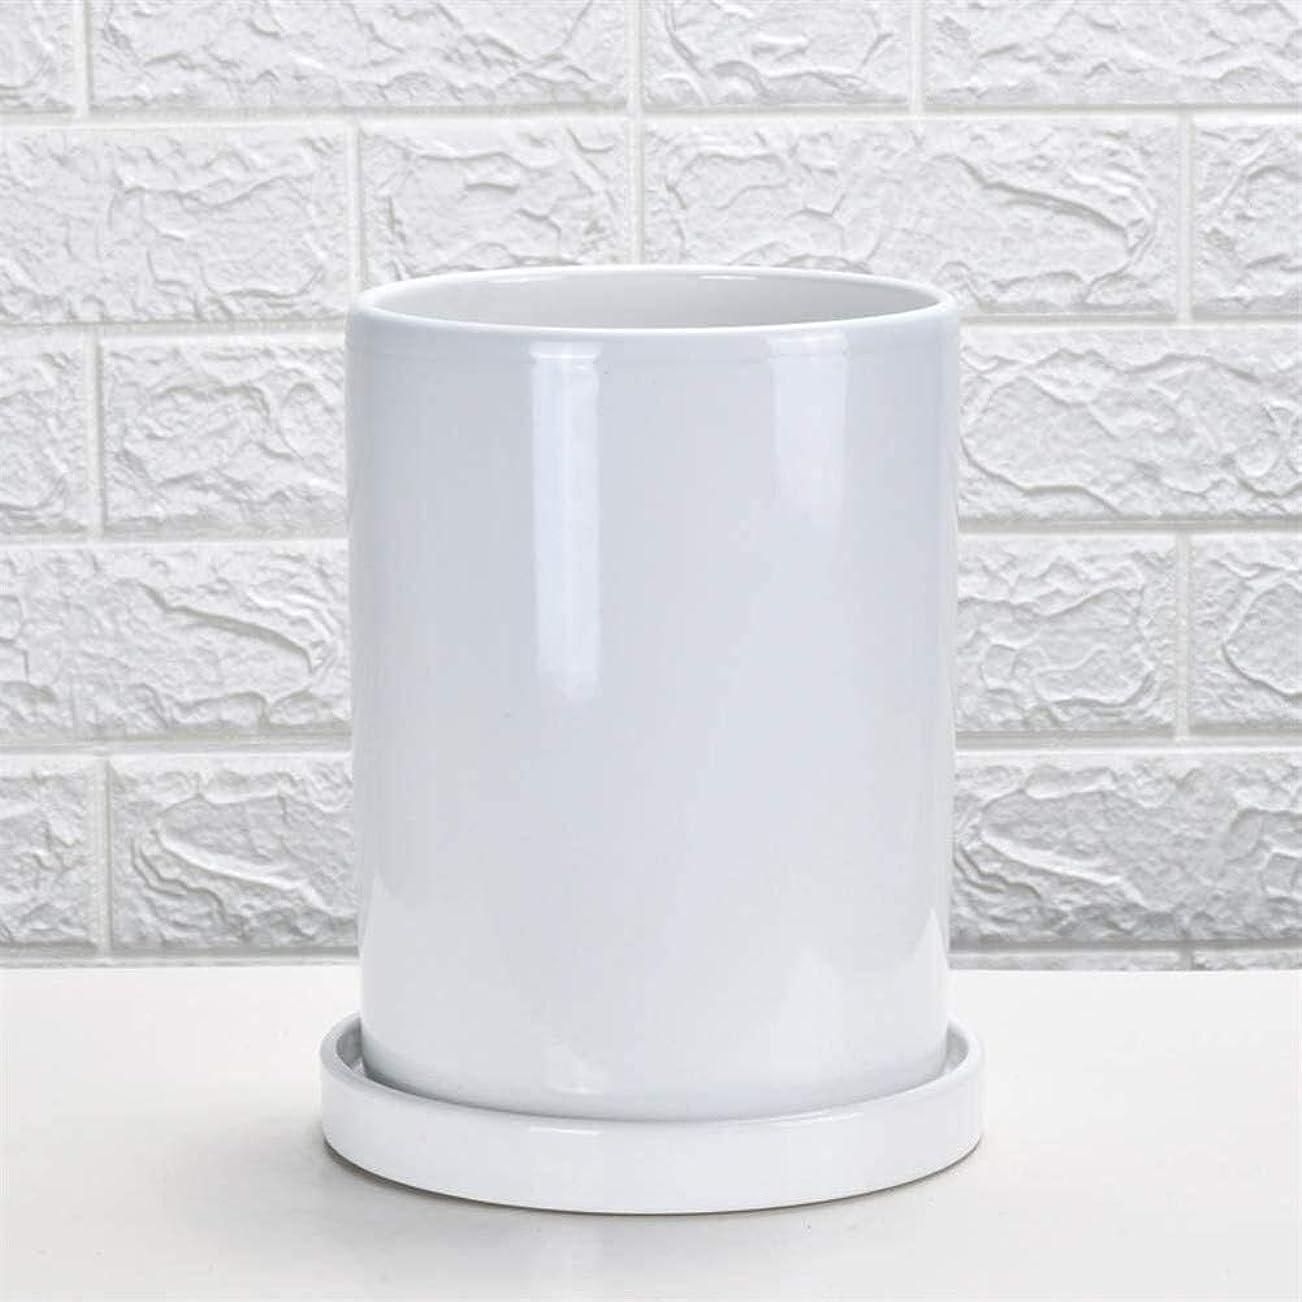 スリラー噛む練習植木鉢 フラワーポットセラミックストレート円筒大きなフラワーポット屋内バルコニーのシンプルモダンなトレイオフィスグリーンフラワーポットフラワートレイ多肉植物?グリーン (Color : White, Size : Large)